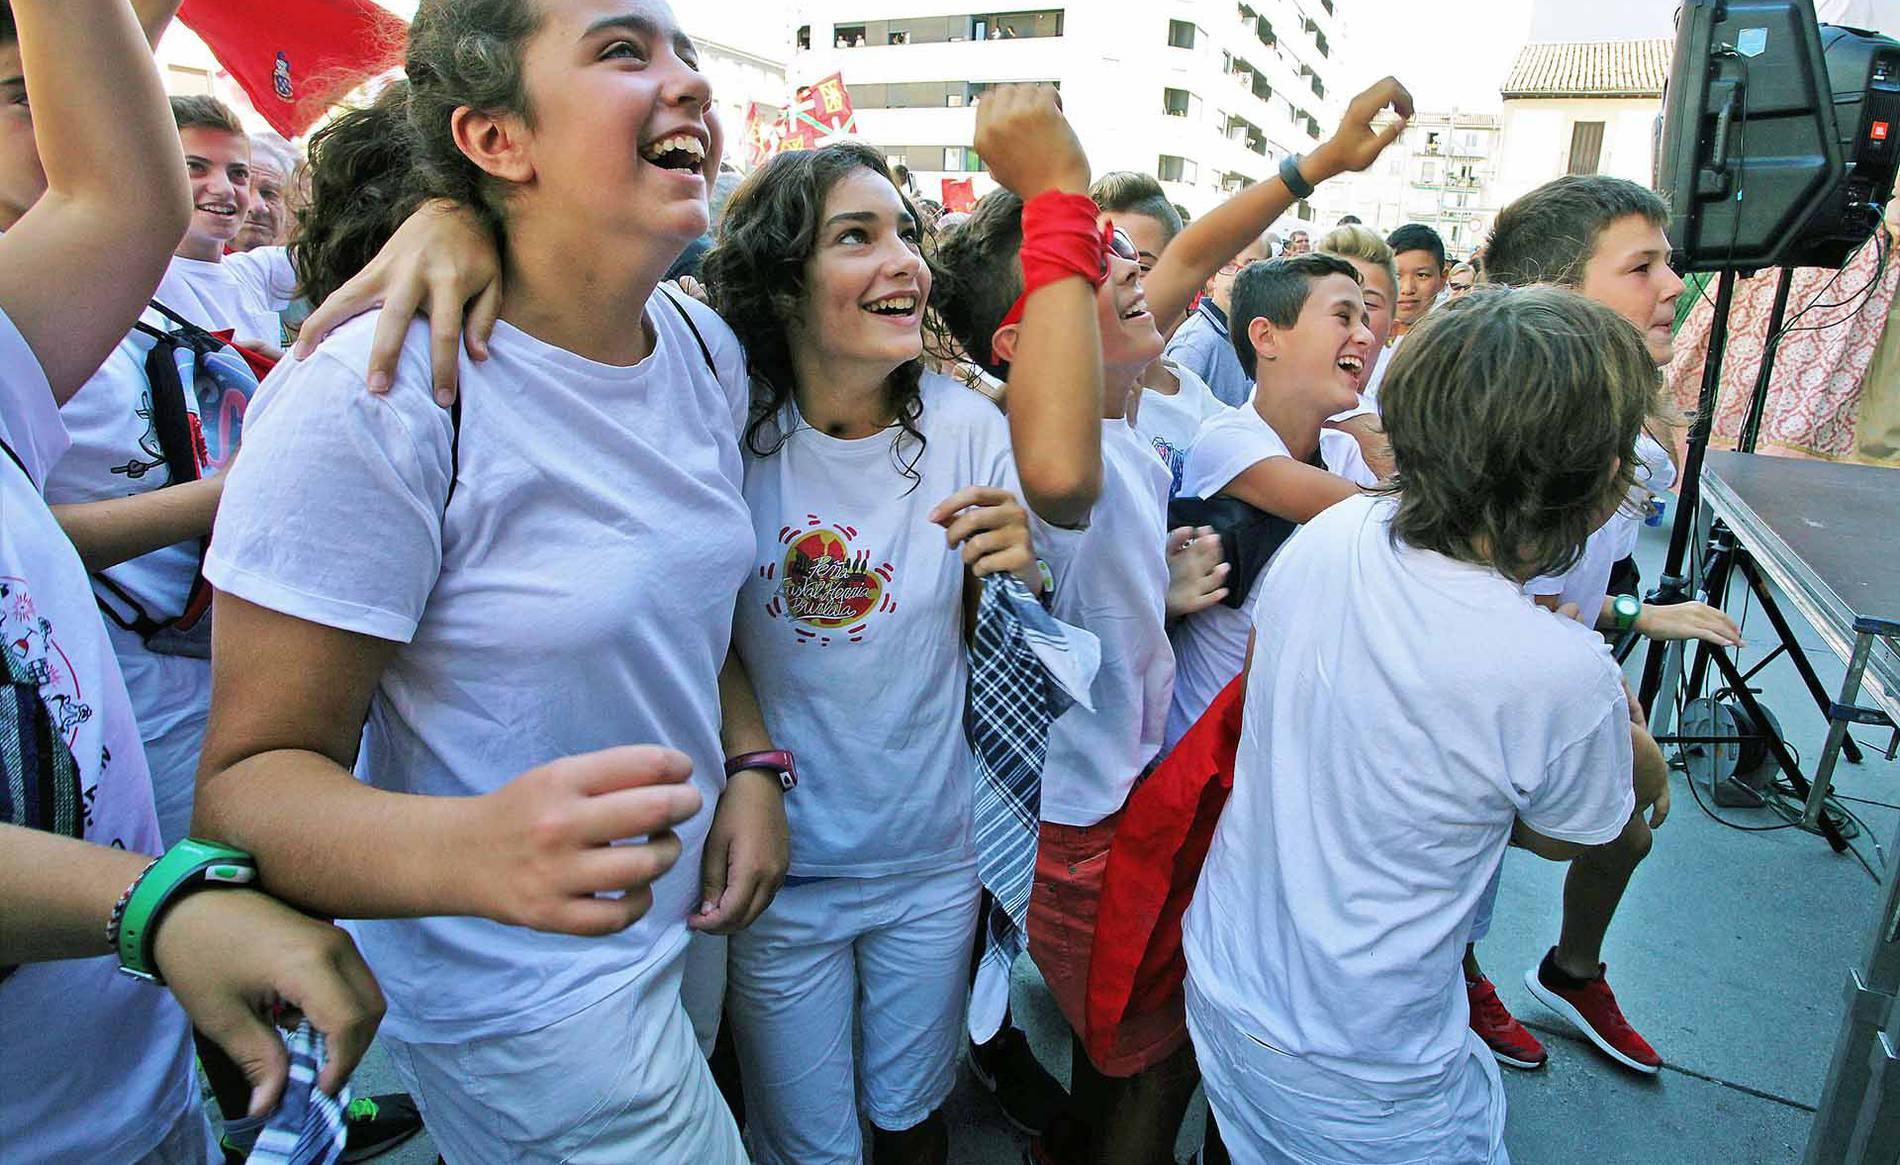 Cohete de fiestas de Burlada (1/24) - Imágenes del comienzo de las fiestas 2017 - Pamplona y Comarca -